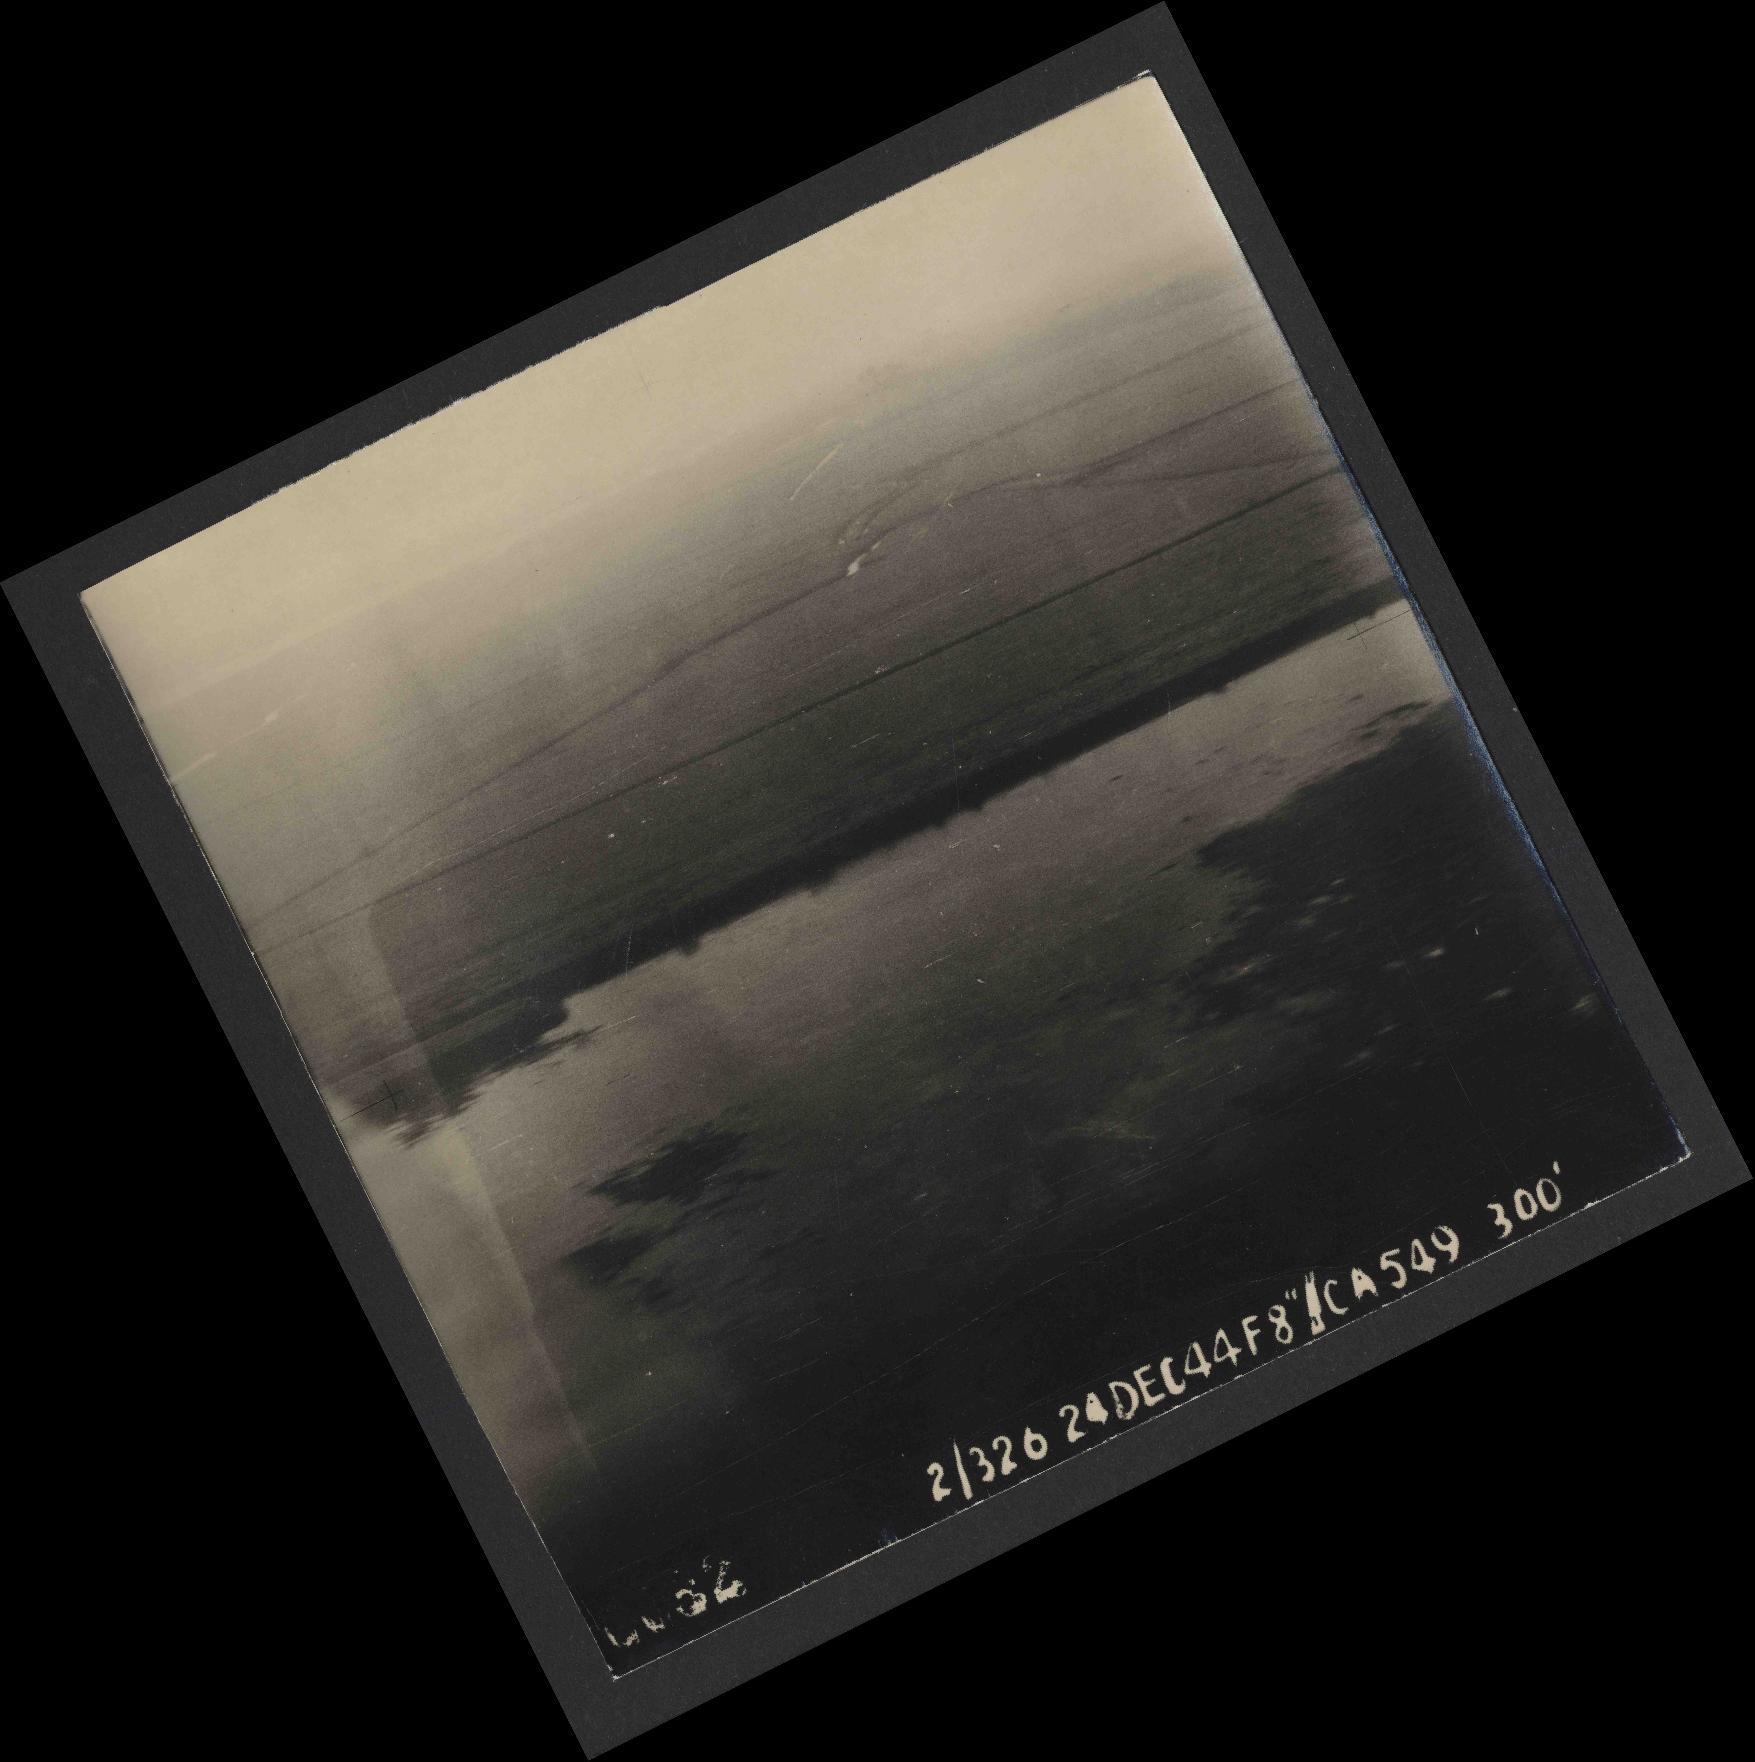 Collection RAF aerial photos 1940-1945 - flight 522, run 01, photo 0032